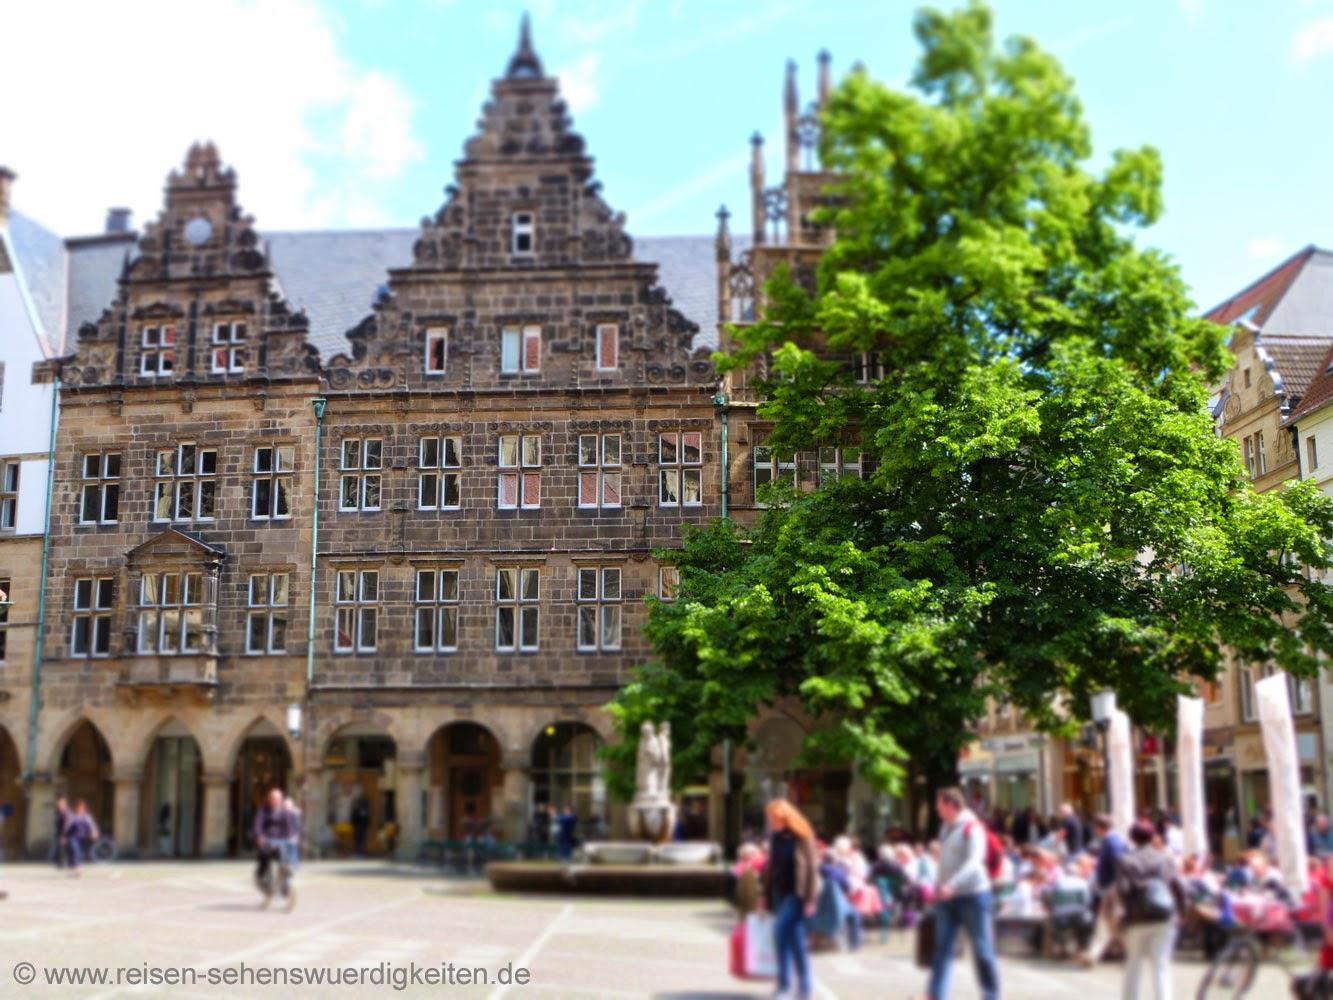 Sehenswürdigkeiten Münster, Prinzipalmarkt belebt